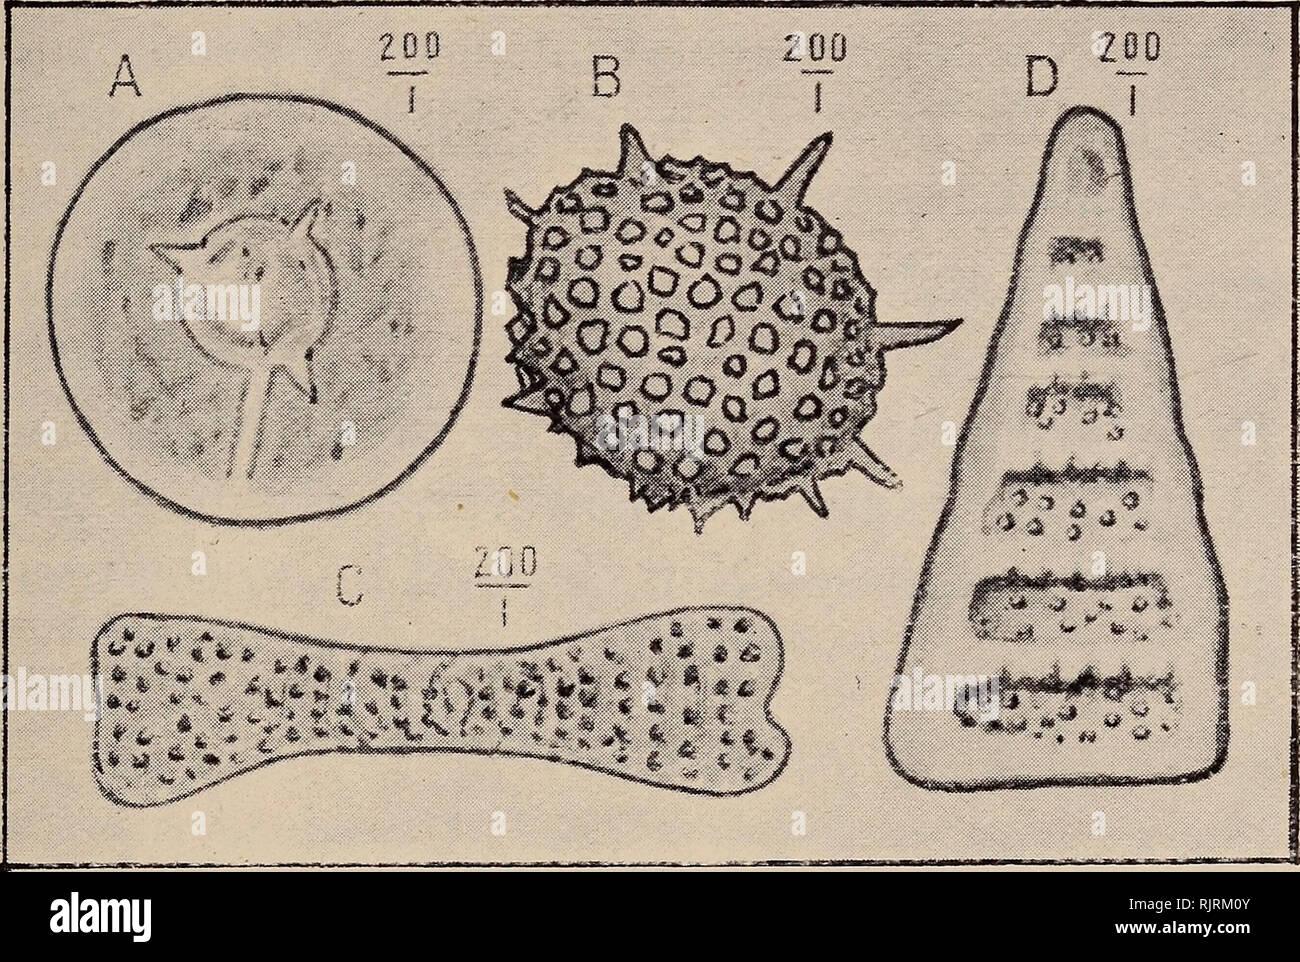 Febr. 2019. Fossilien erlauben Forschern Einblicke in längst vergangene Zeiten.